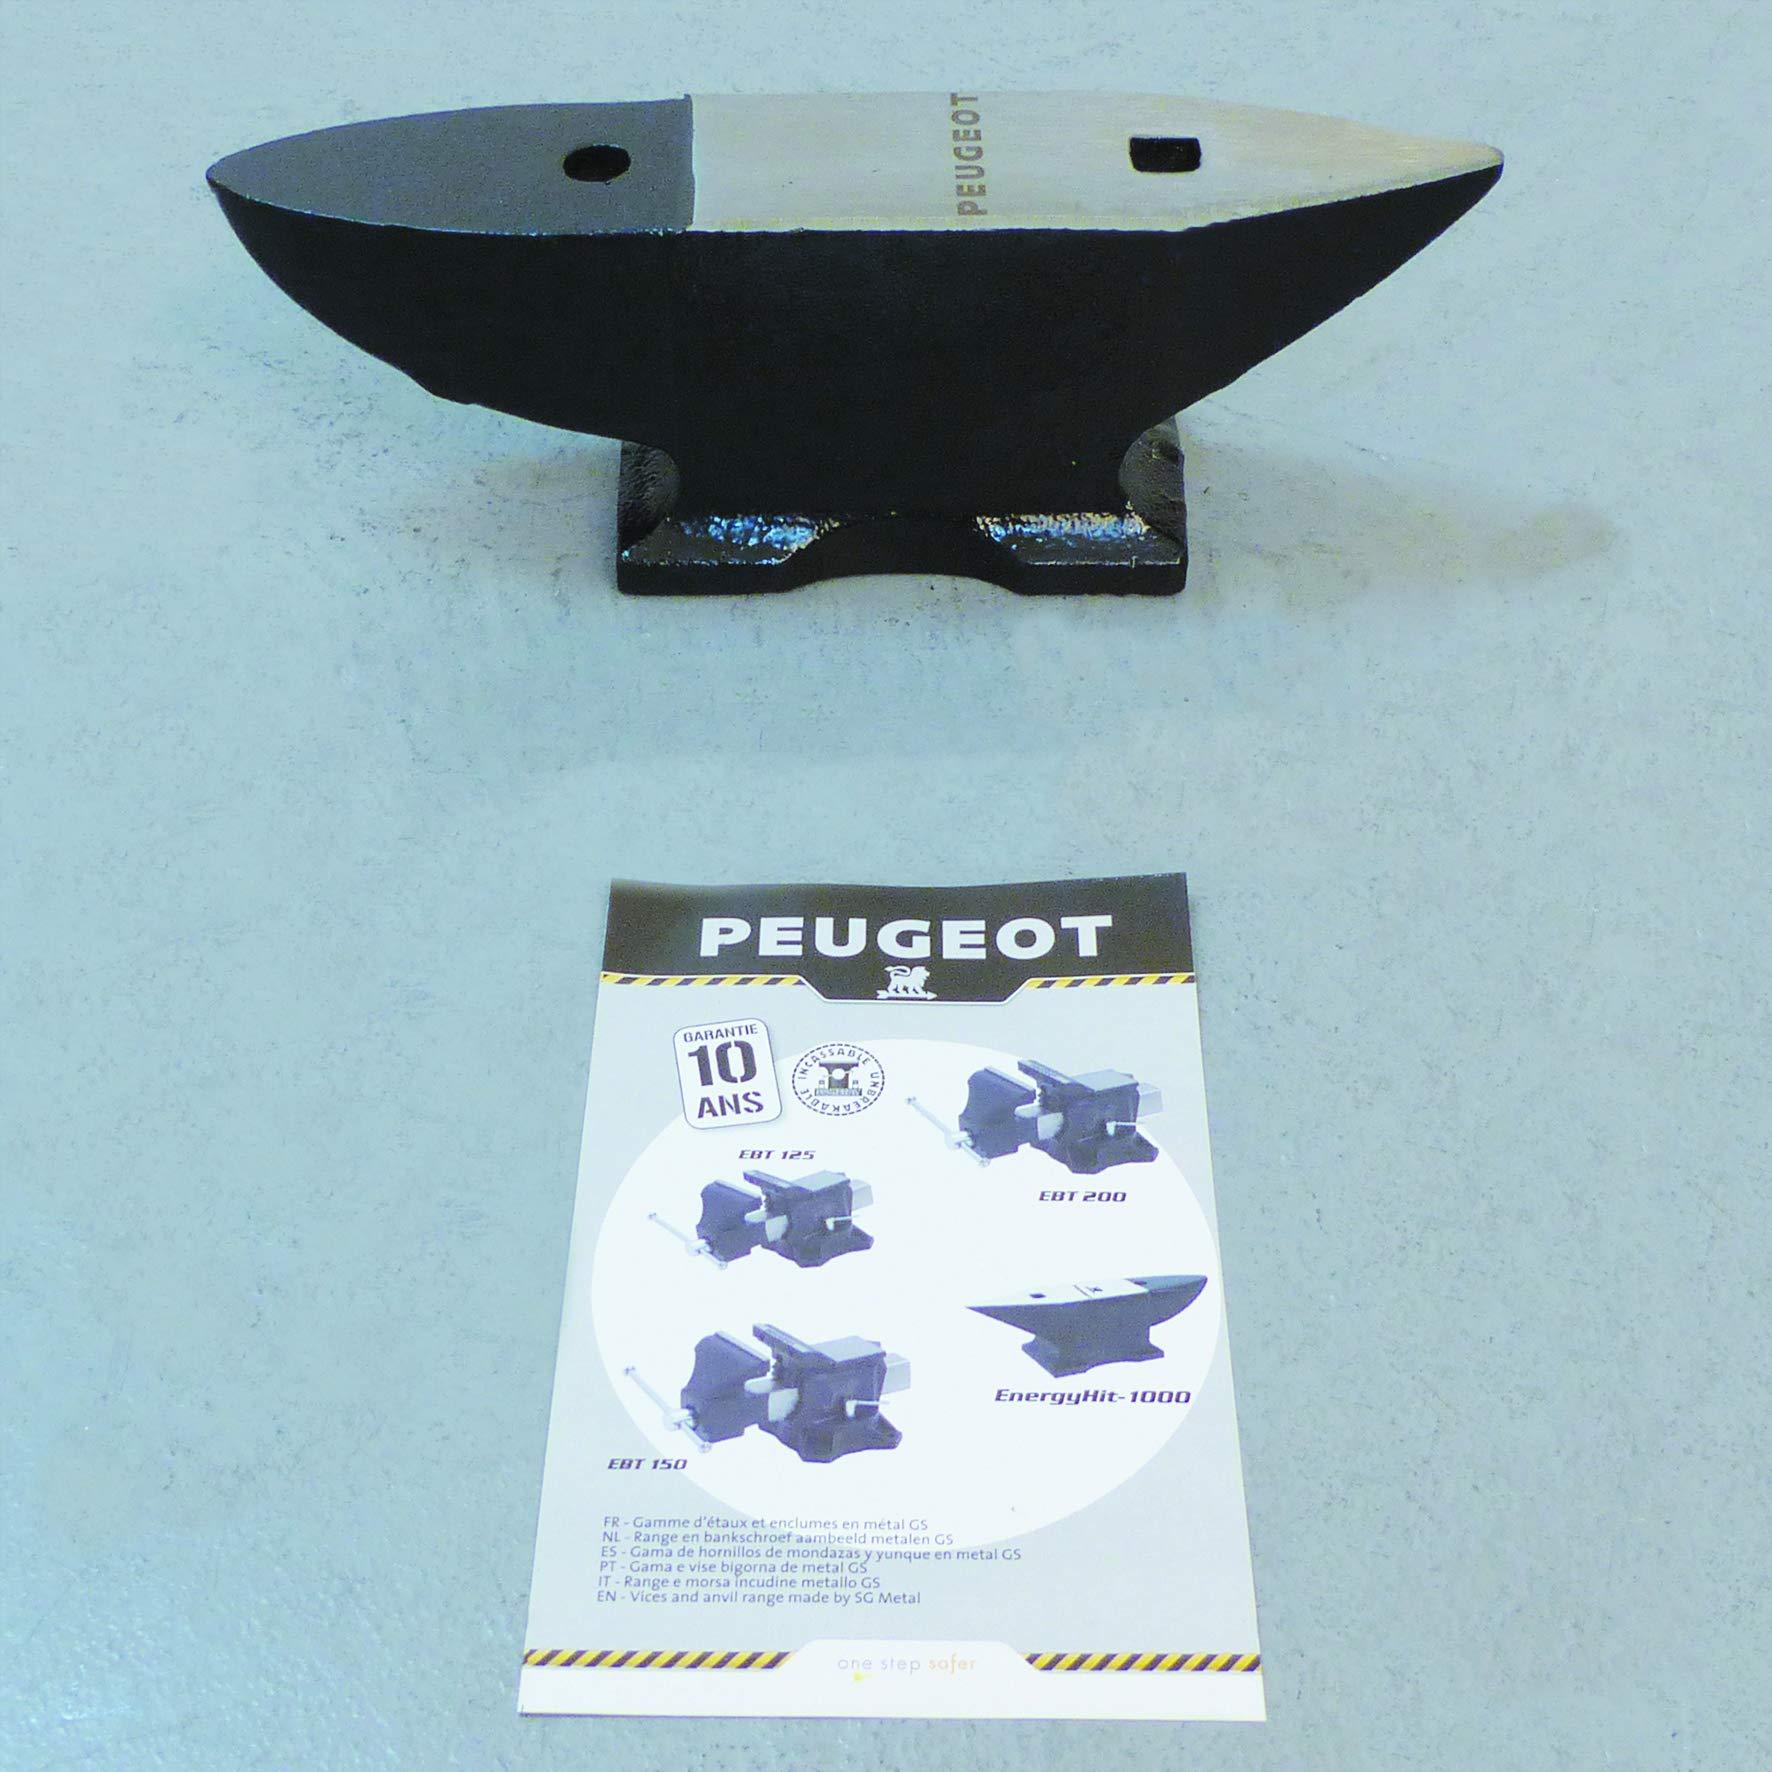 ENERGYHit 1000 - Yunque profesional 10 kg Ancho 70 mm Largo 340 mm Alto 100 mm: Amazon.es: Bricolaje y herramientas